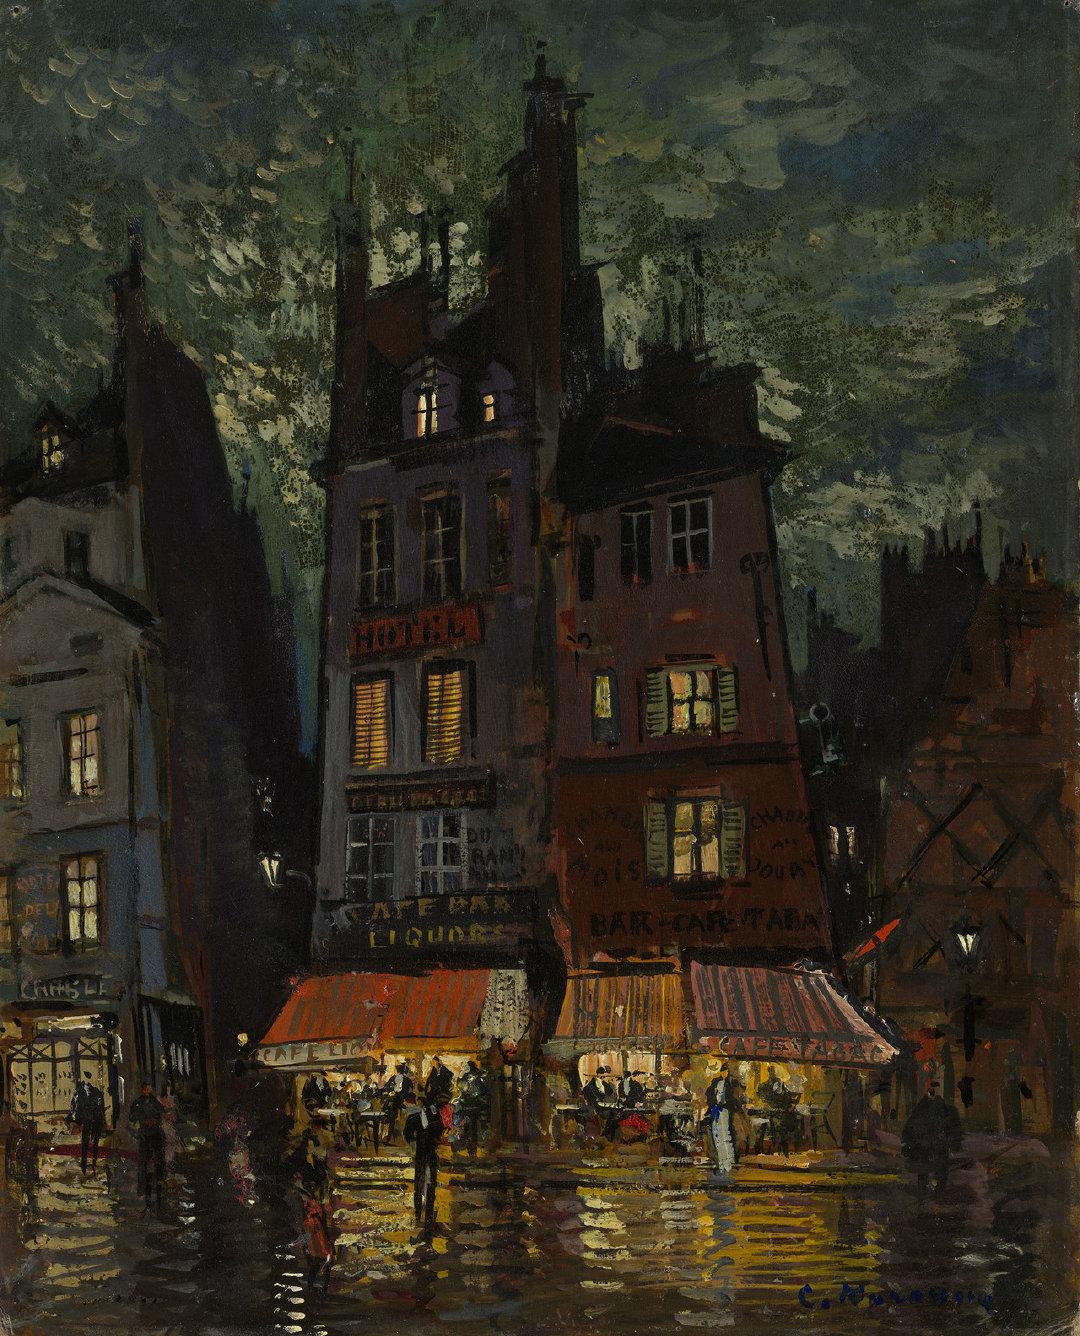 城市的夜俄罗斯印象派画家Konstantin Korovin